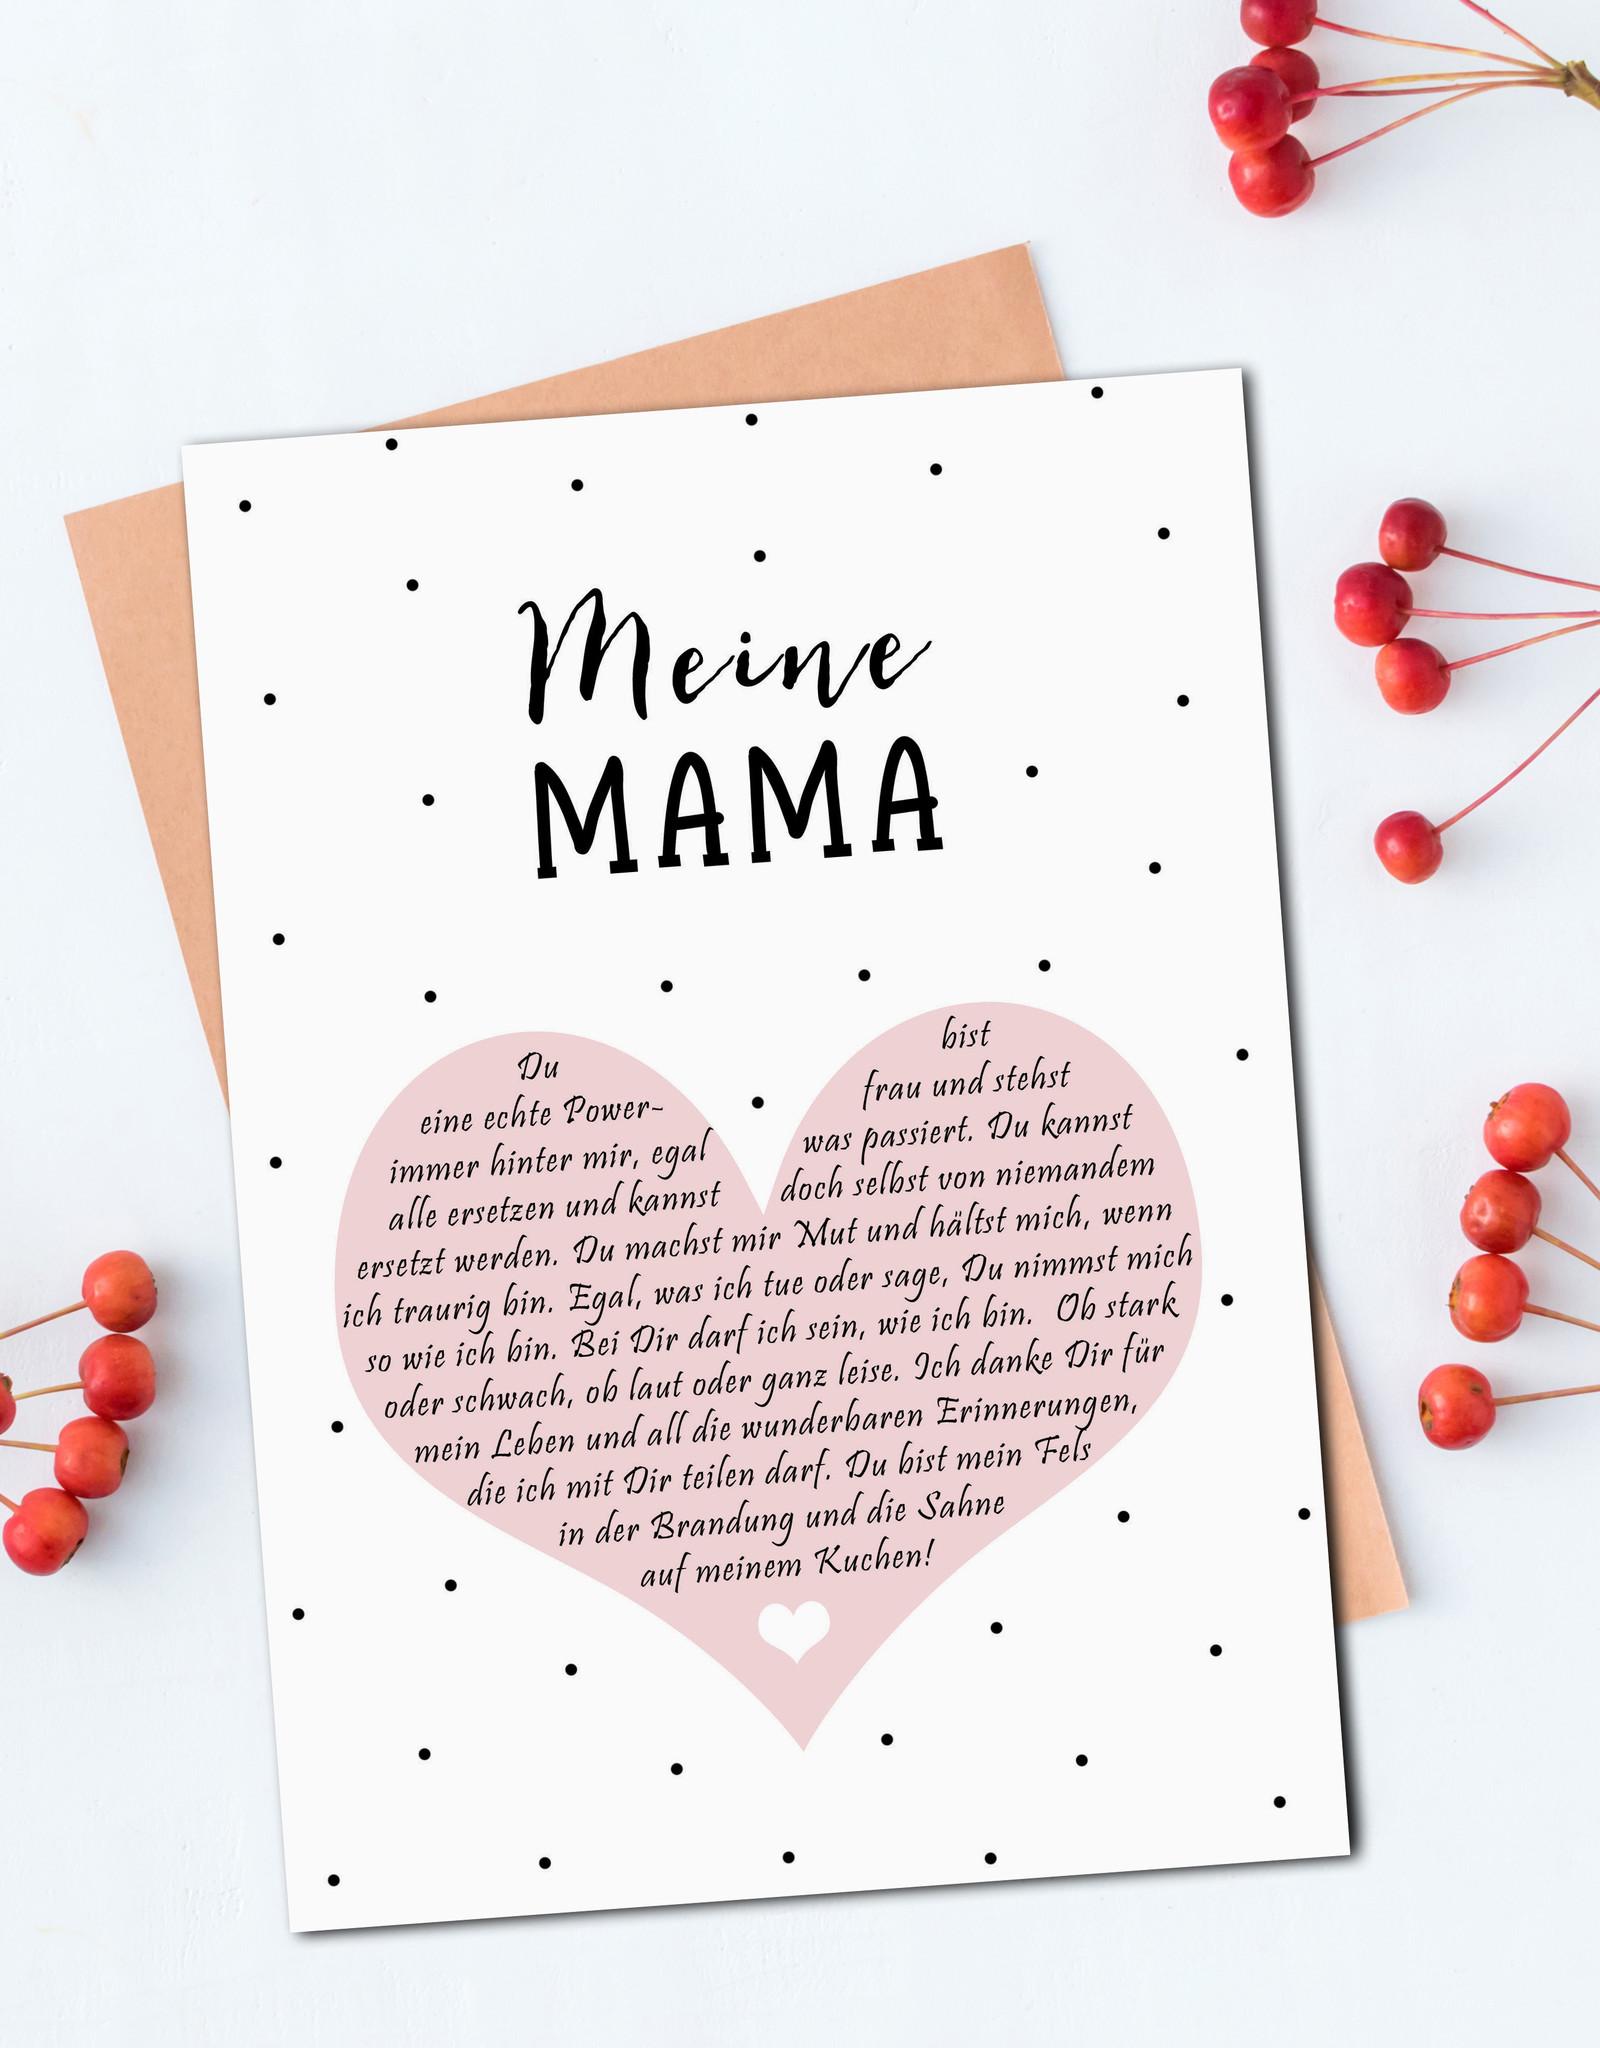 Postkarte MEINE MAMA Herzbotschaft inkl. Briefumschlag Muttertag Geschenk